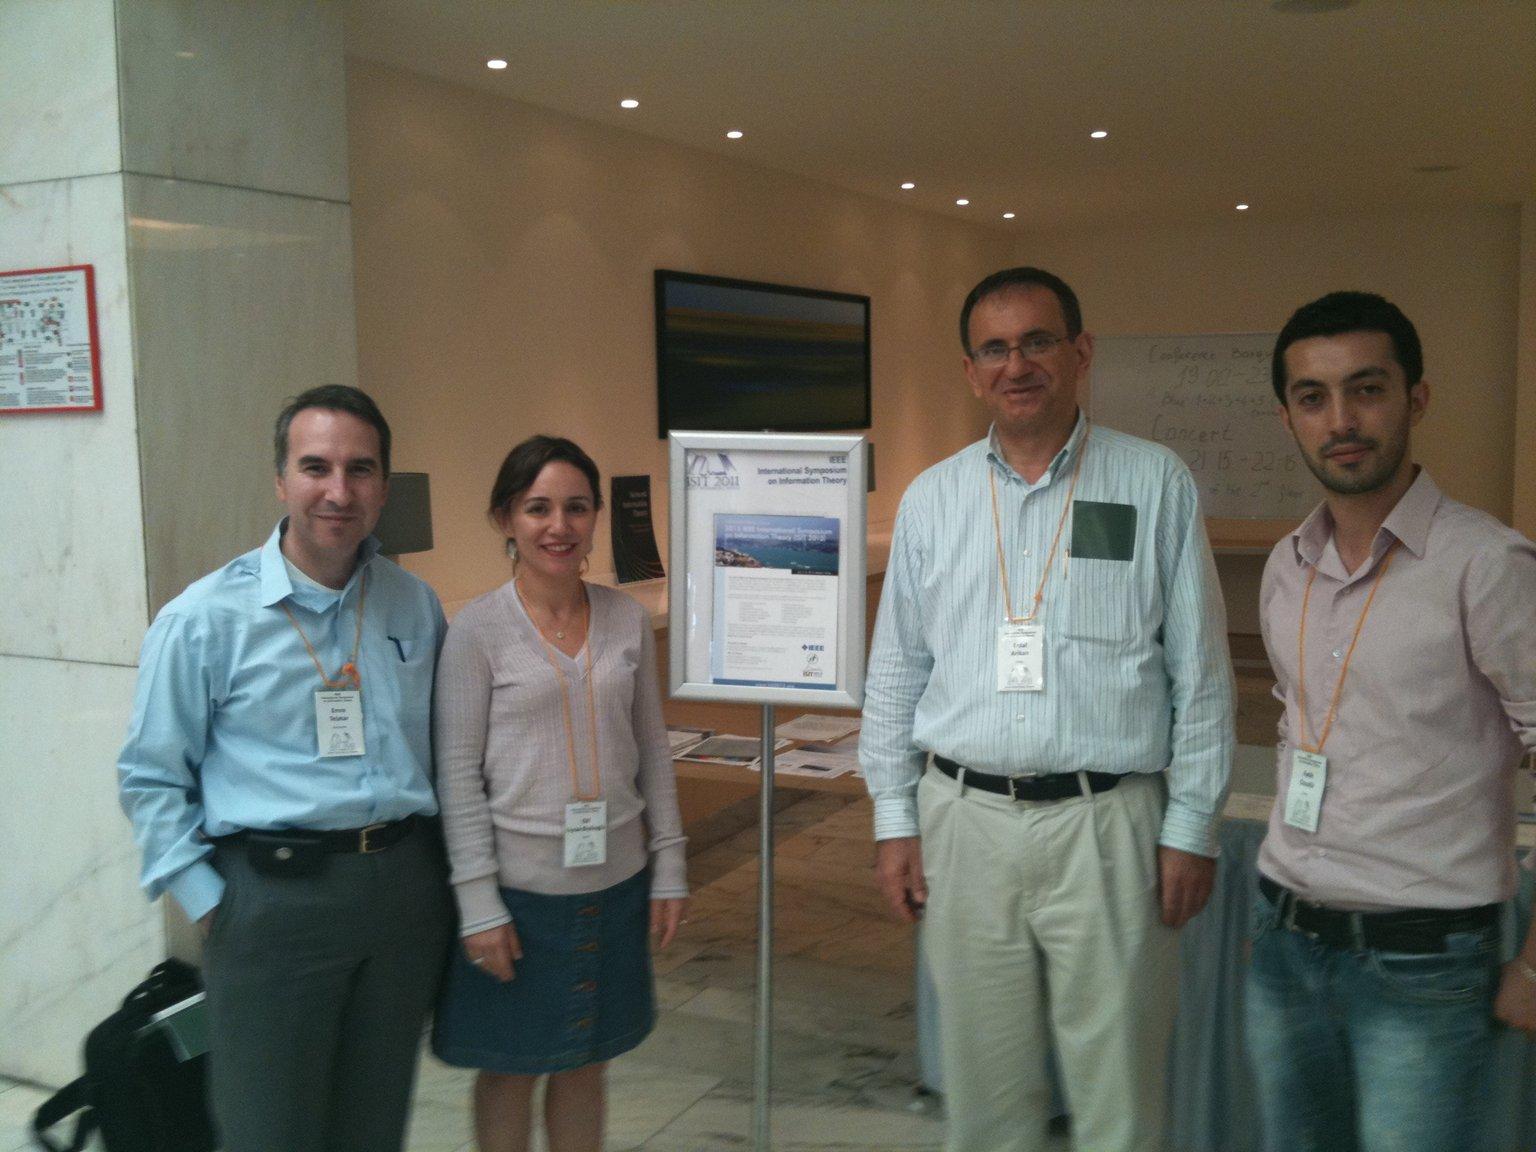 ISIT 2011 (International Symposium On Information Theory)